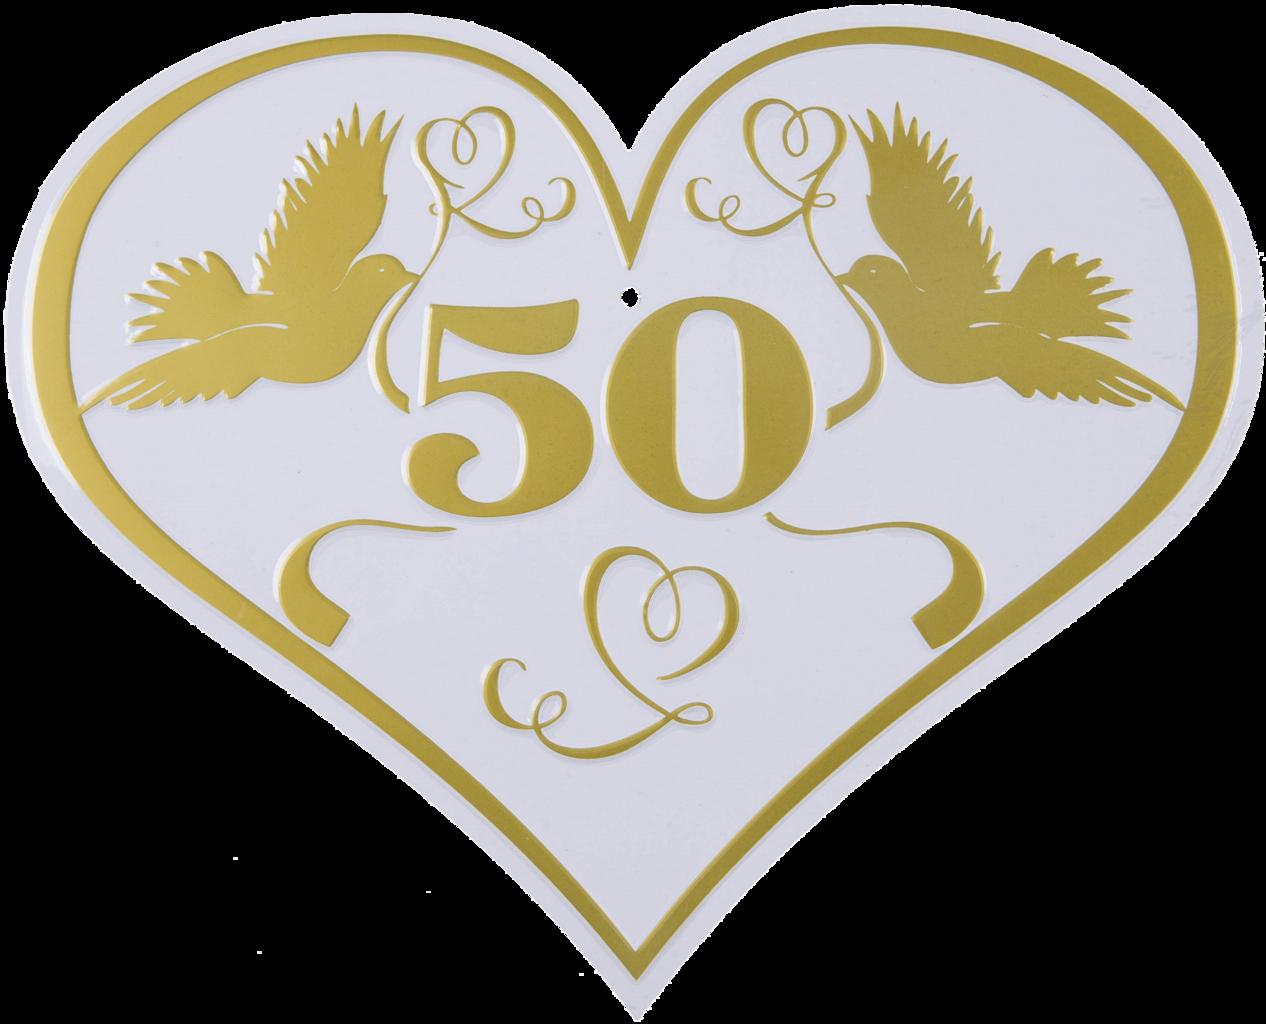 Goldene Hochzeit Blechschild 50 30cm X 25cm